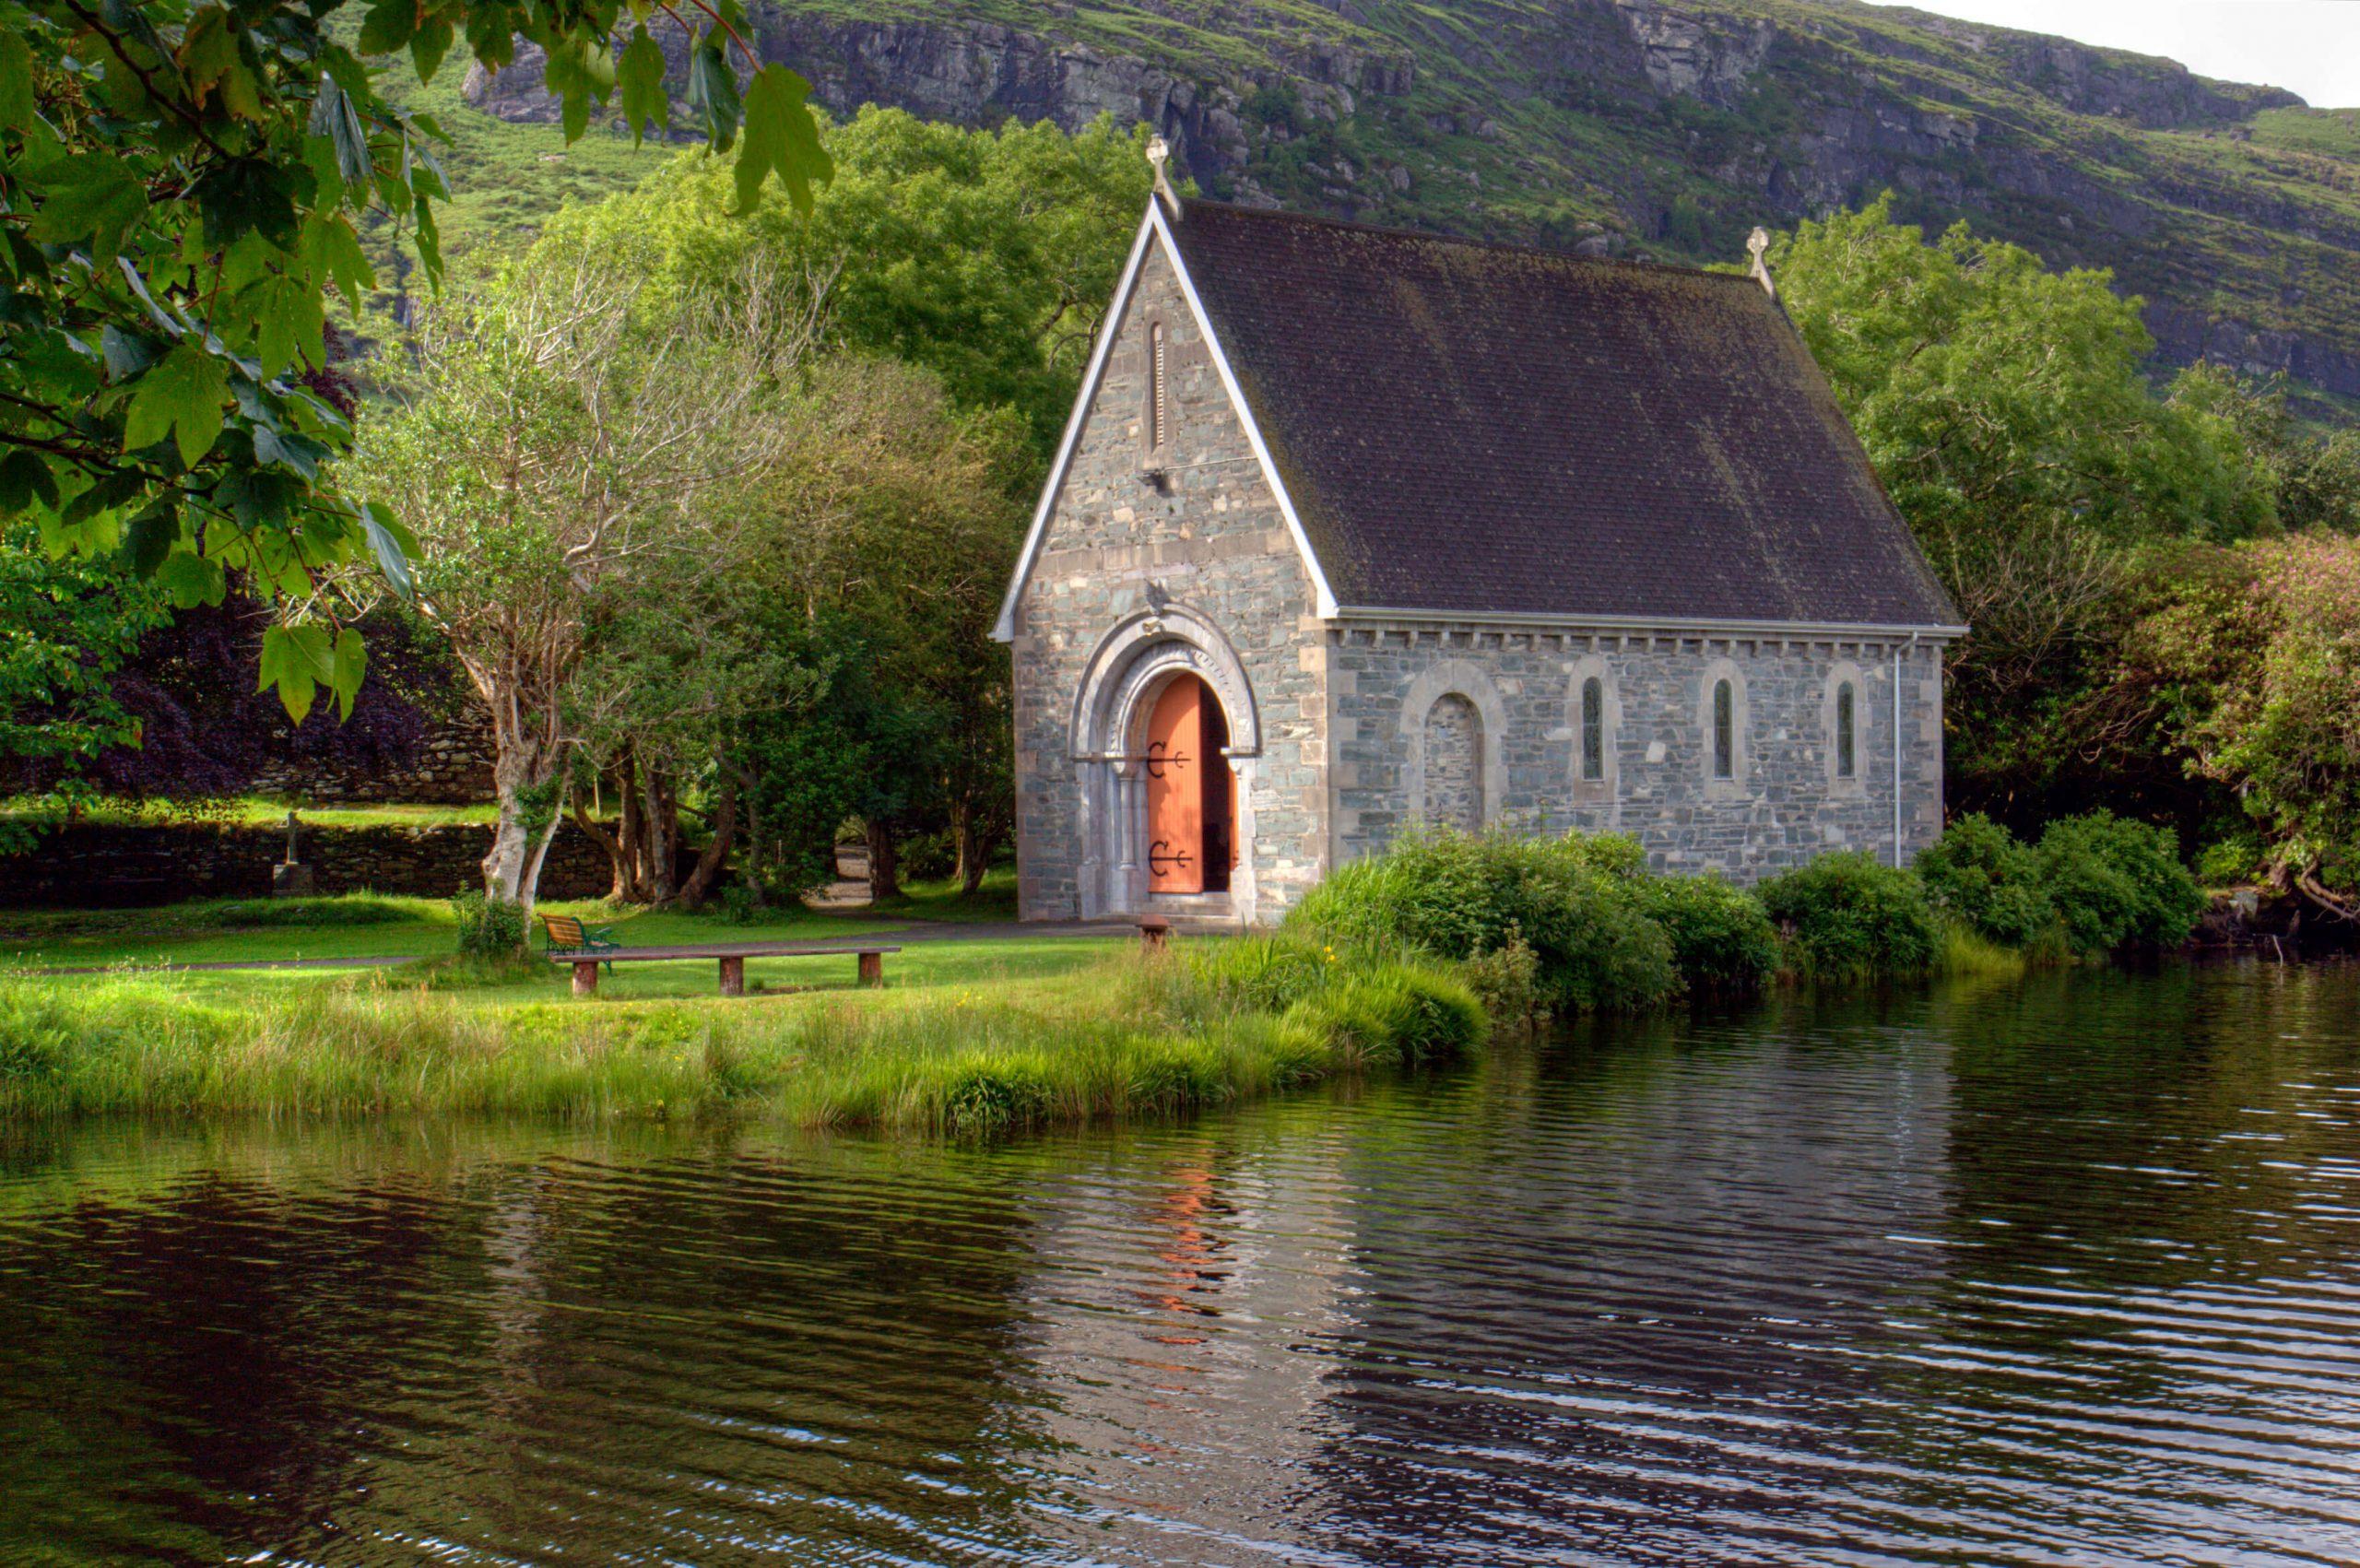 Gougane Barra, Off The Beaten Track Ireland, Hidden Gems Ireland